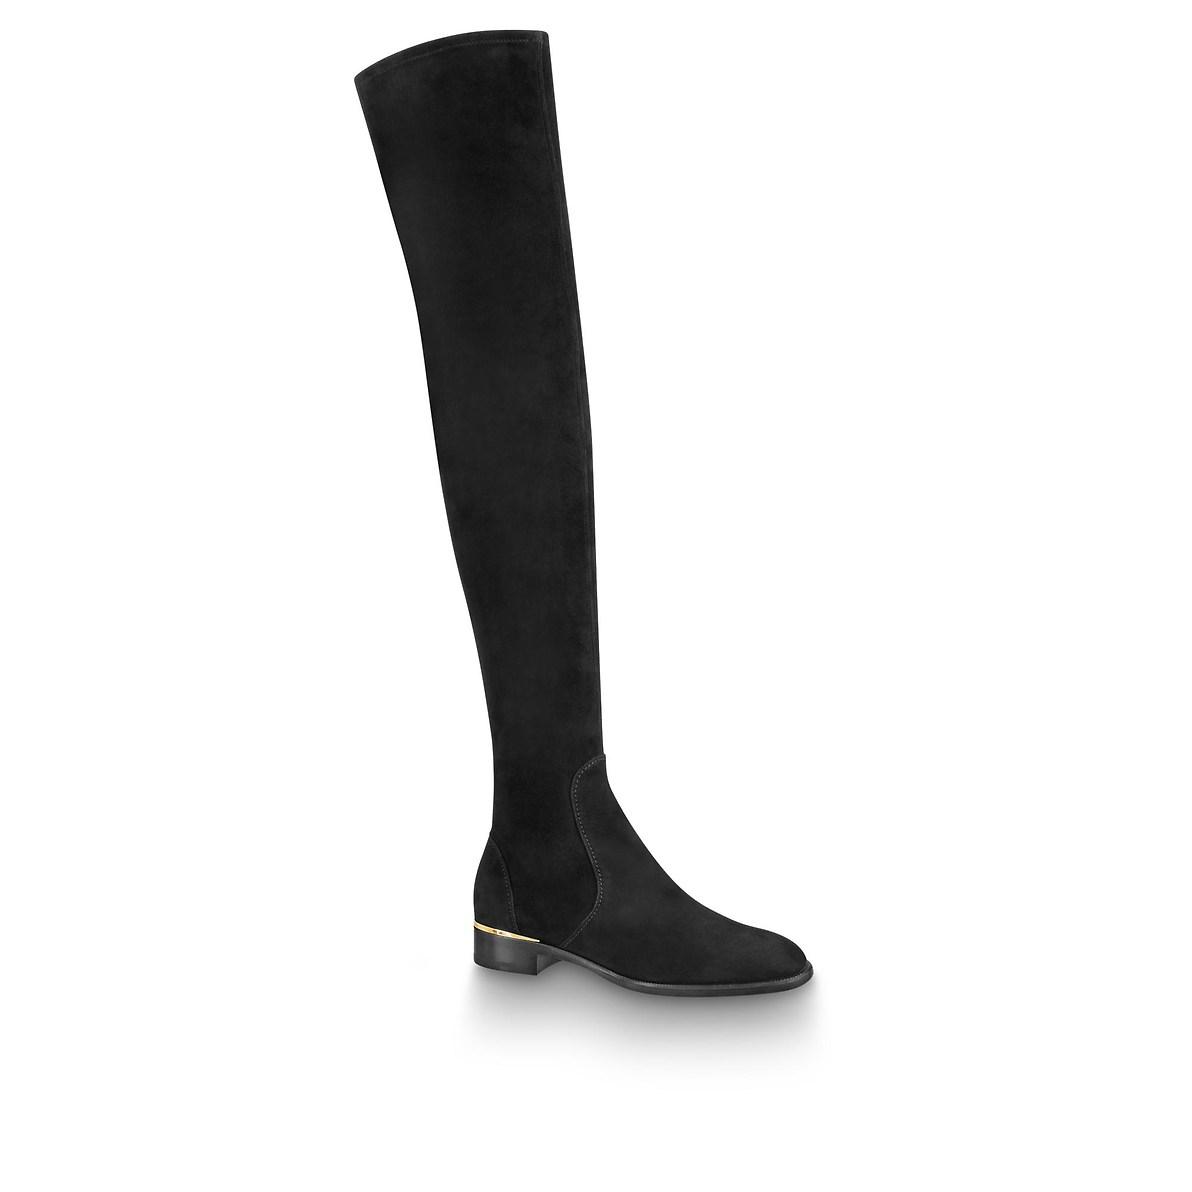 Stivali cuissard sopra il ginocchio Louis Vuitton a 1350 euro autunno inverno 2018 2019